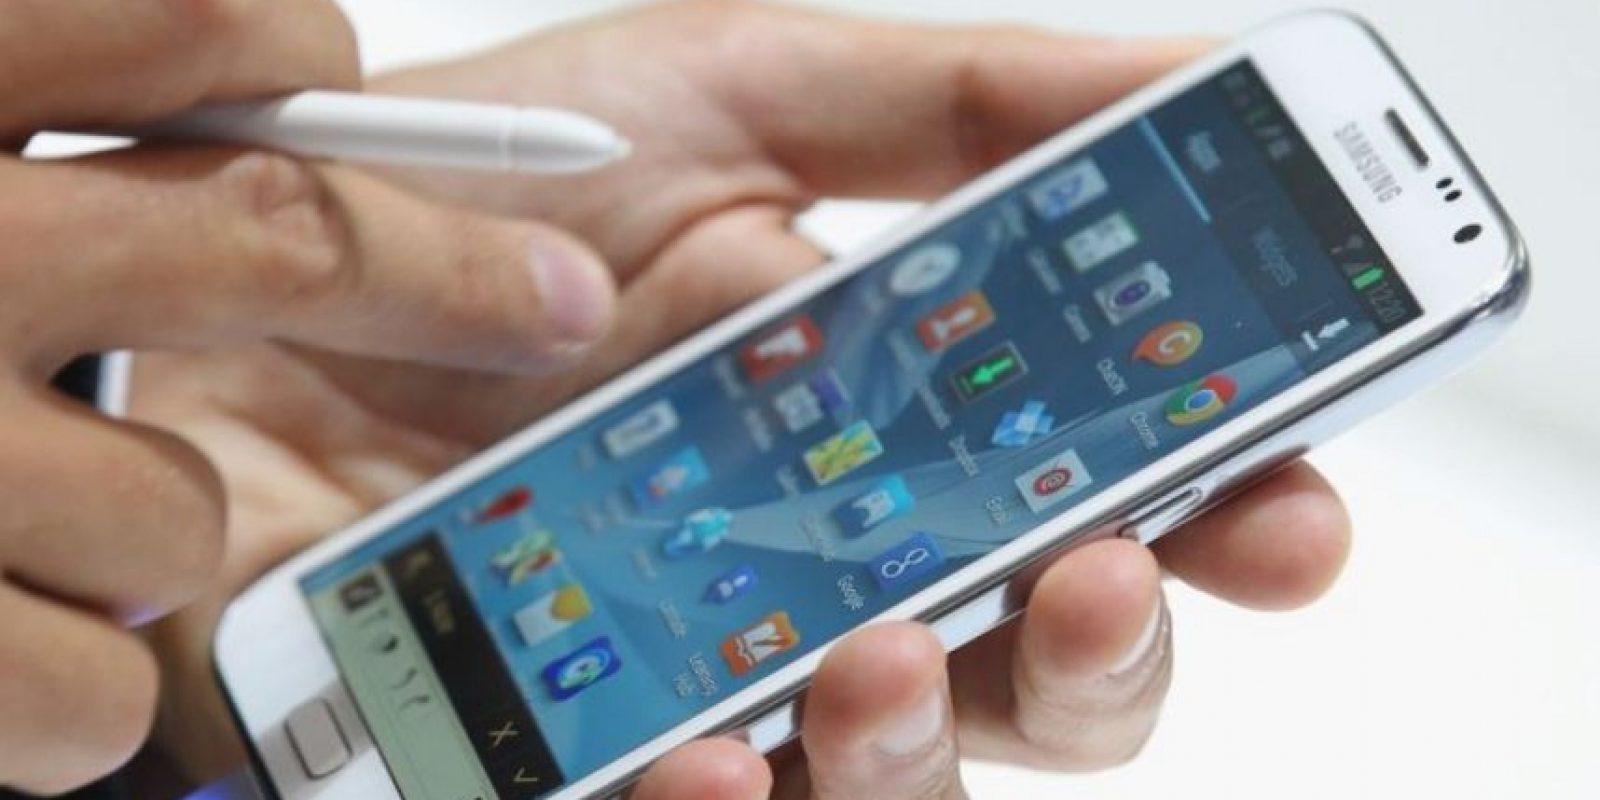 5. Coloquen el teléfono en modo avión el mayor tiempo posible. Foto:Getty Images